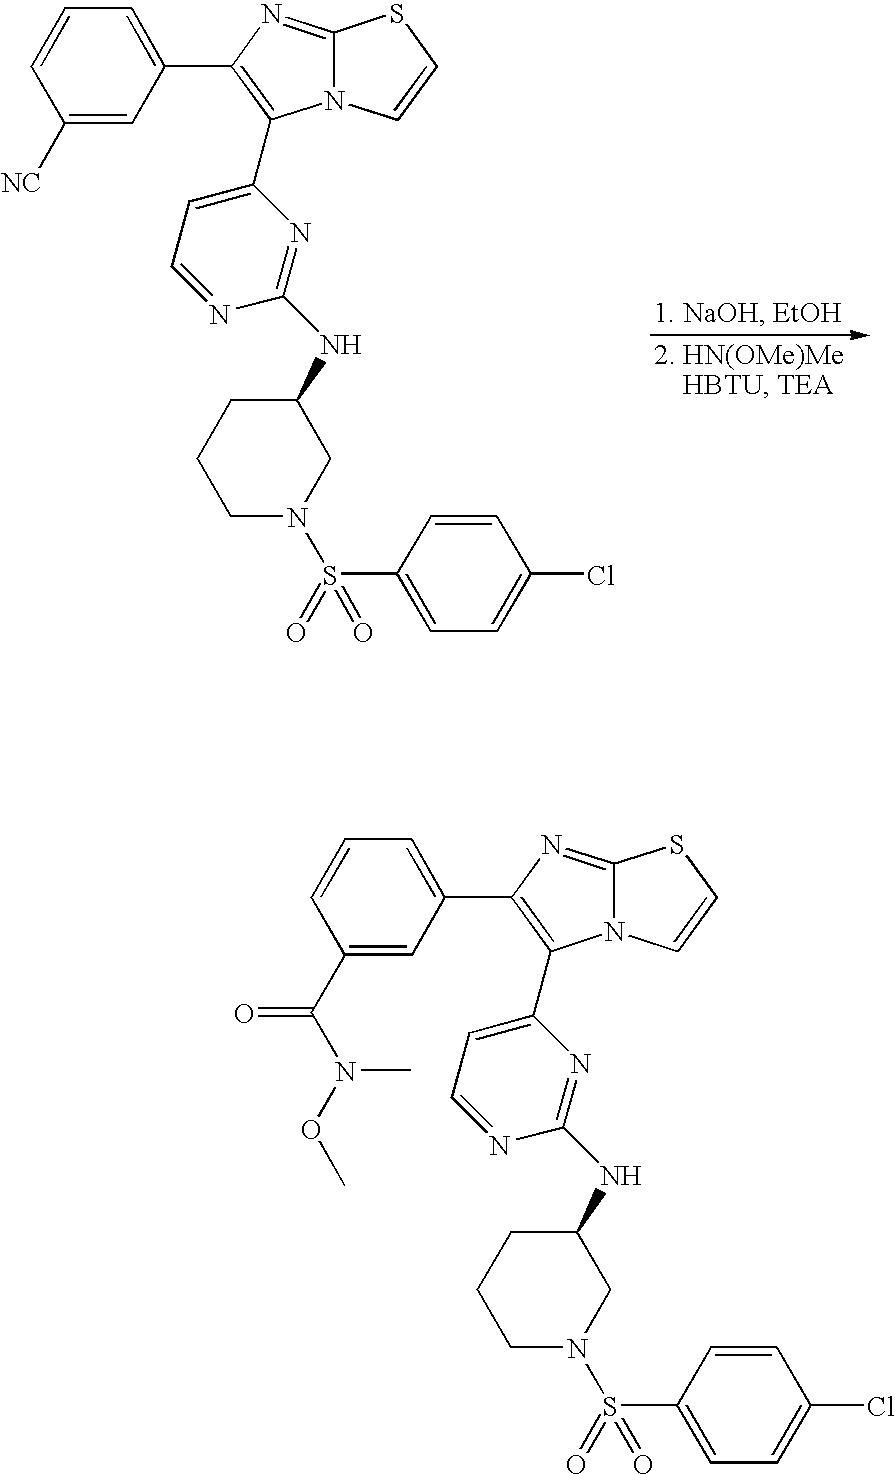 Figure US20090136499A1-20090528-C00055